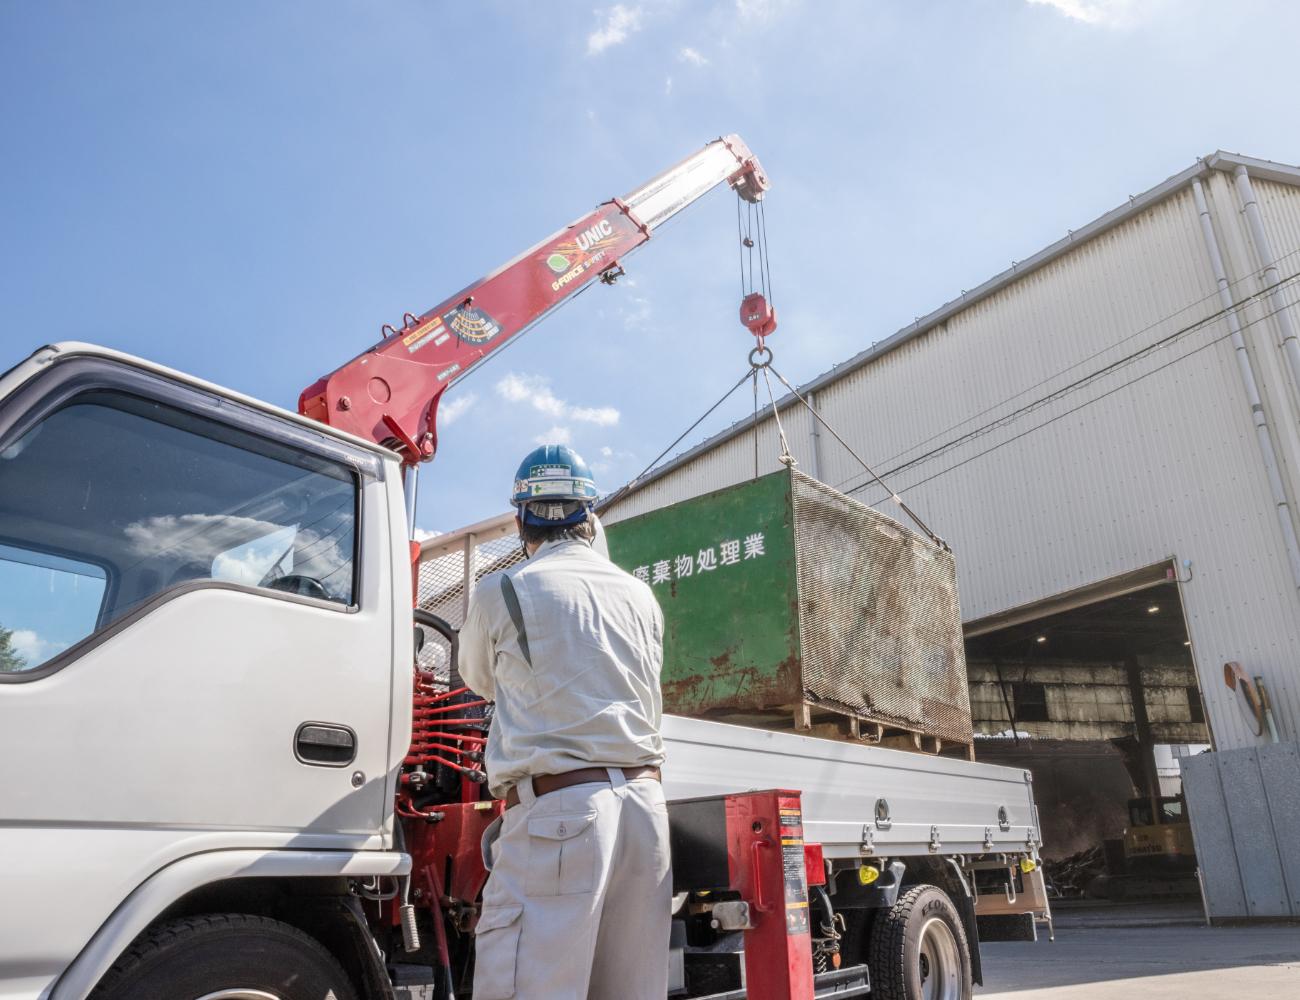 配車頭 | 産廃業界に特化したAIで日々の配車管理を自動化